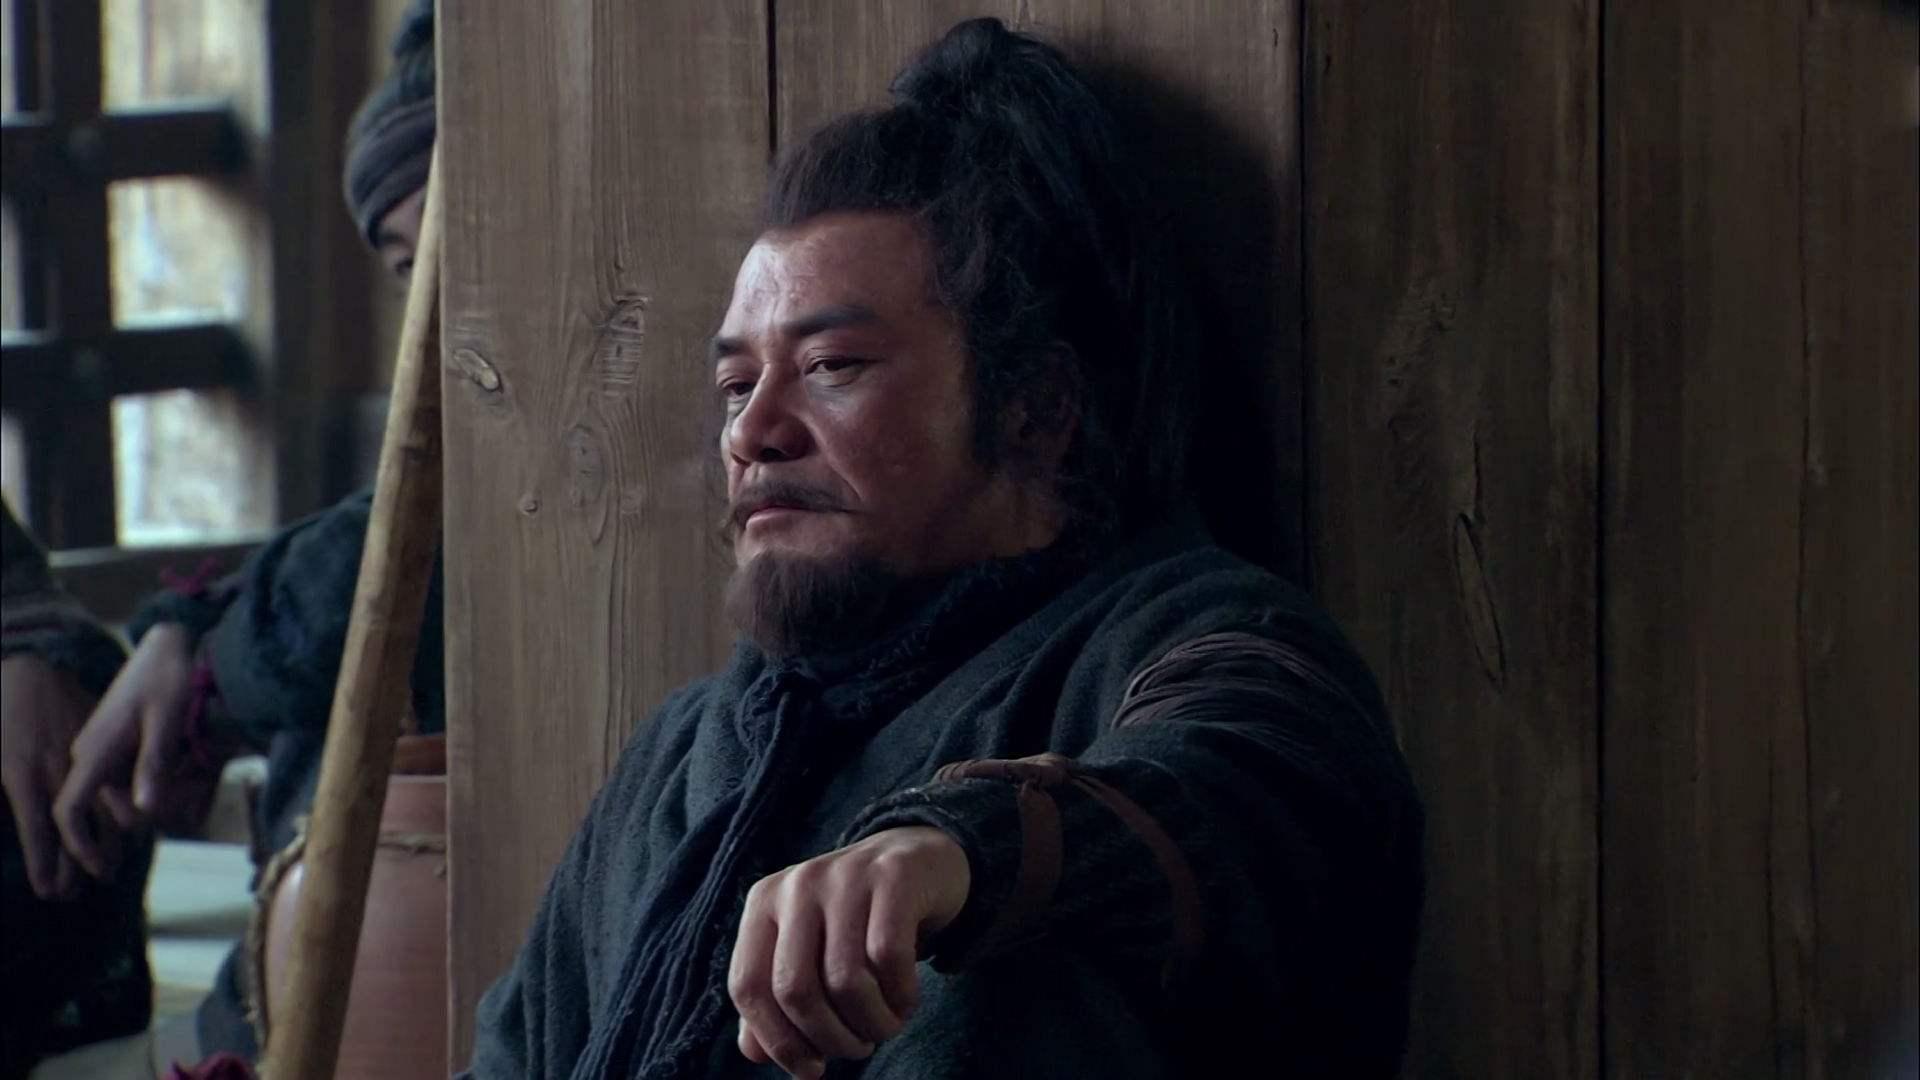 曹无伤因为告密被杀,雍齿多次背叛过刘邦,为何却还被封侯?